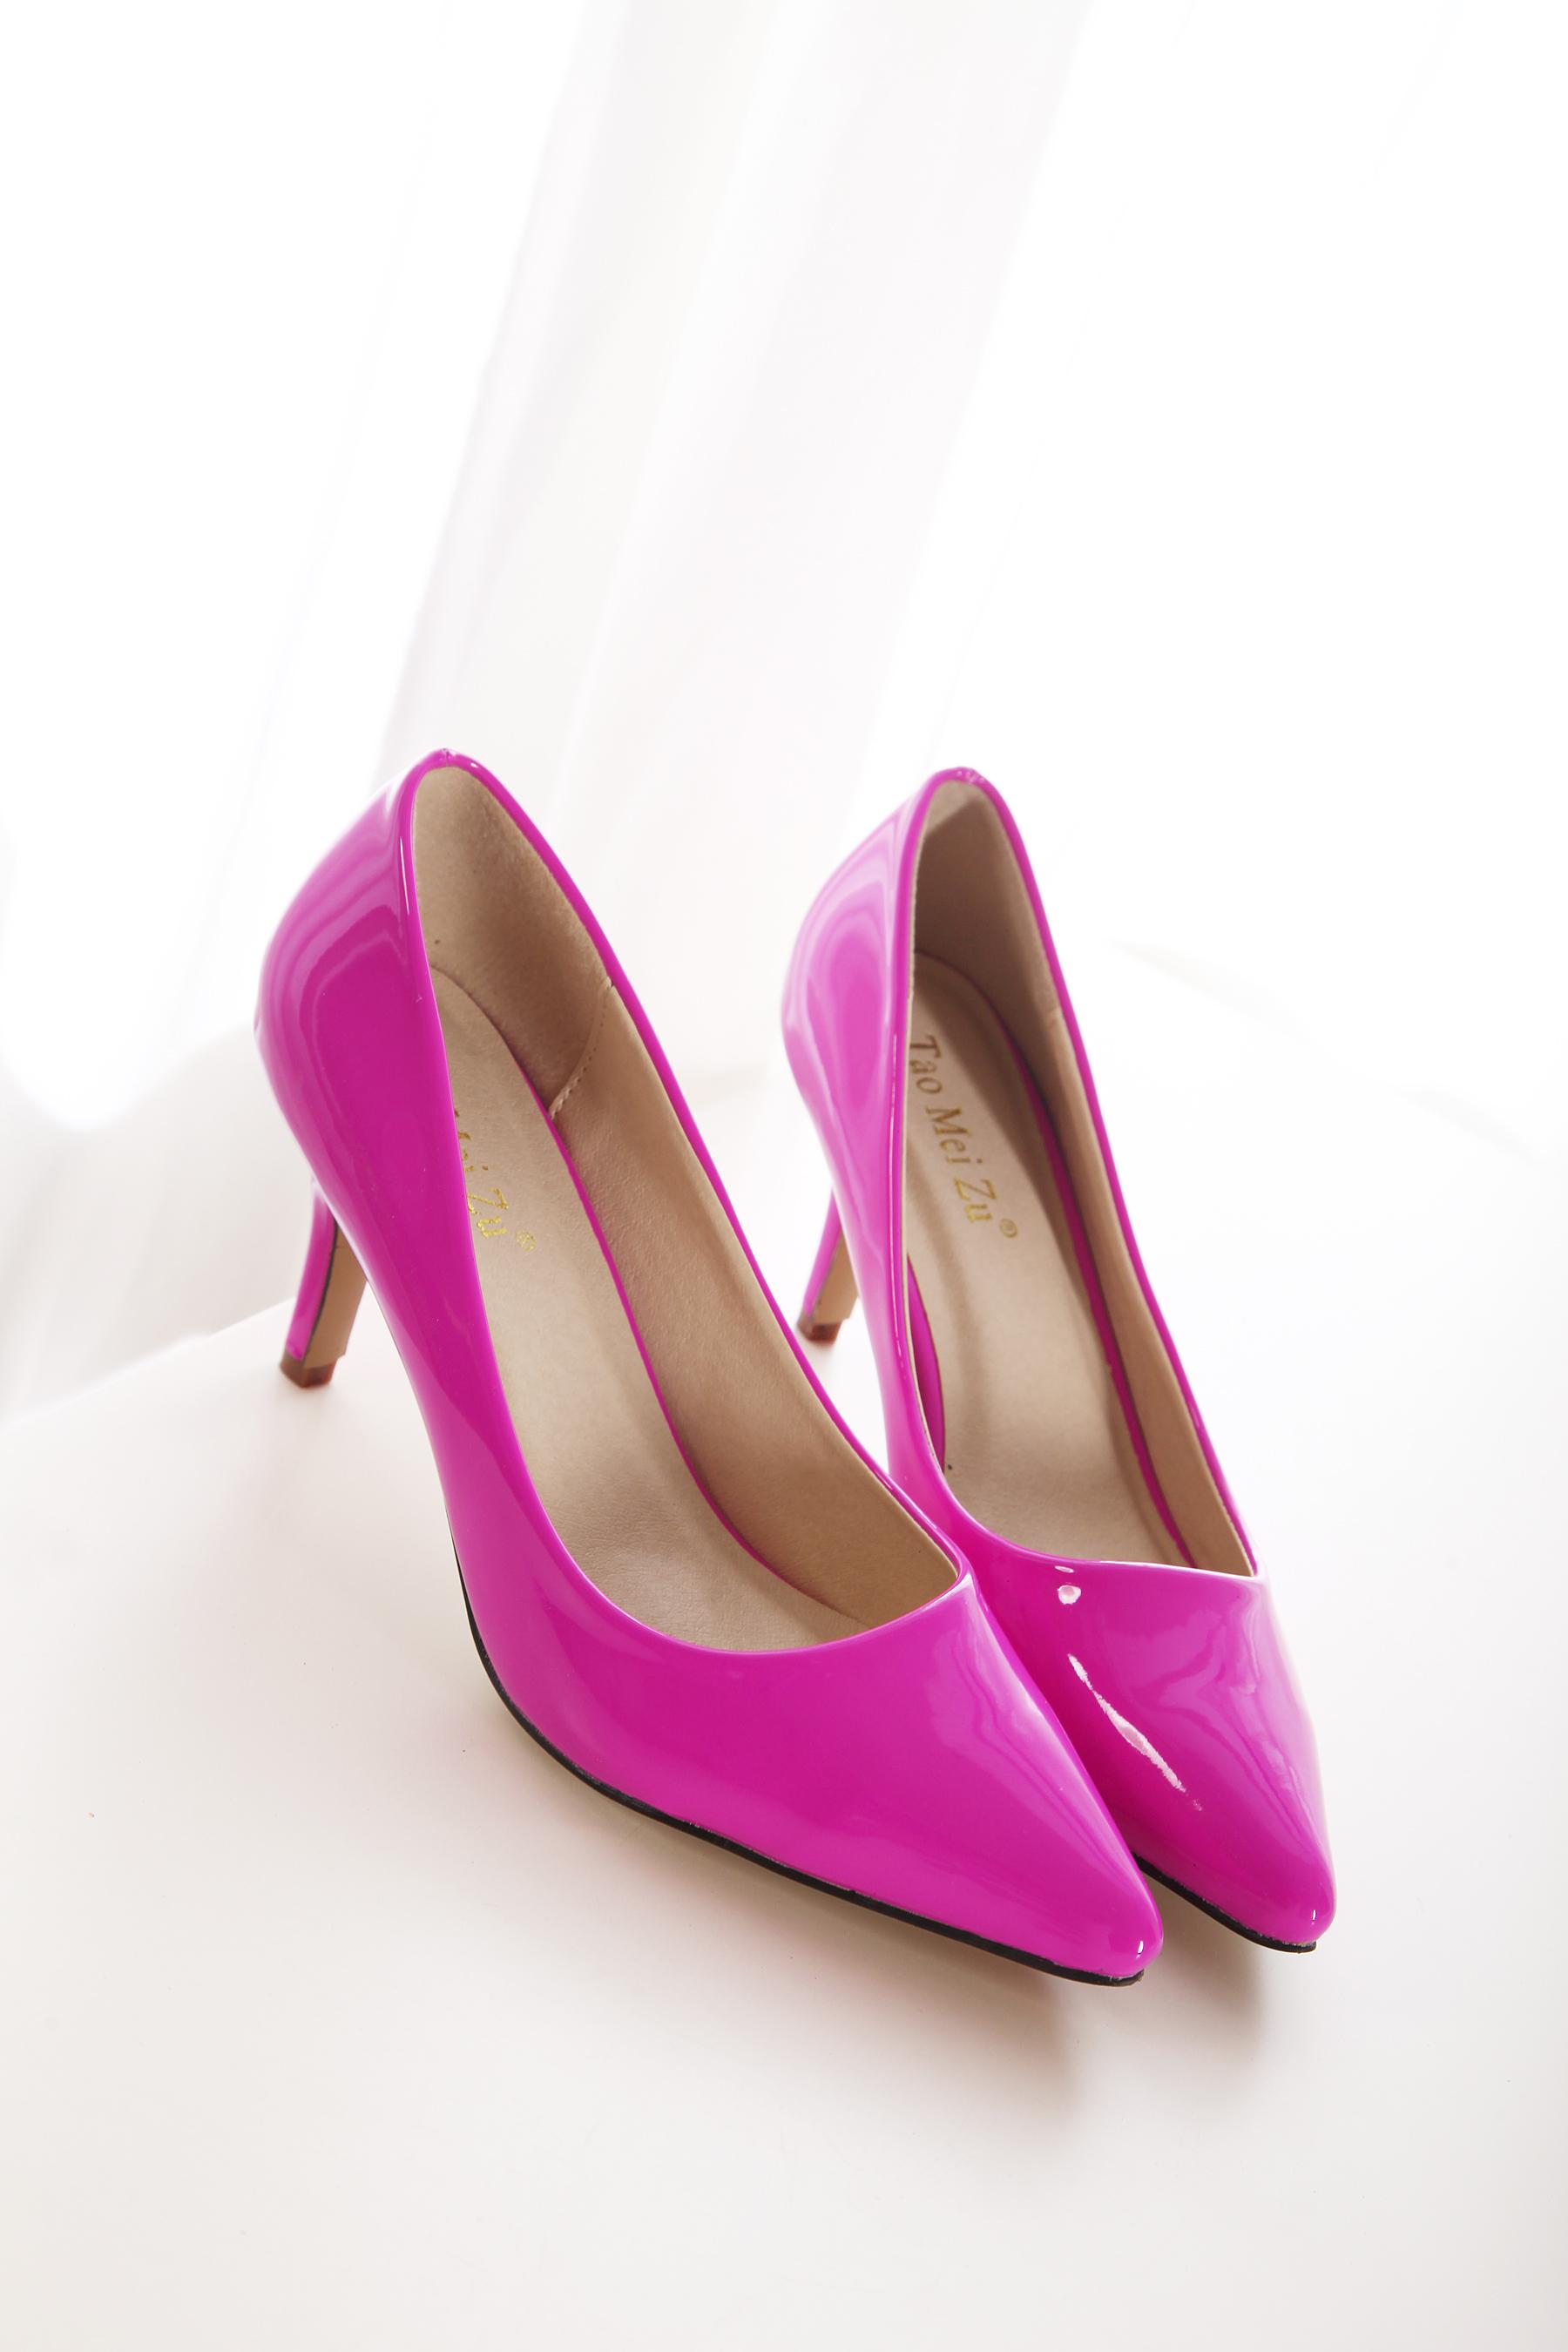 秋季新款韩版细跟高跟鞋